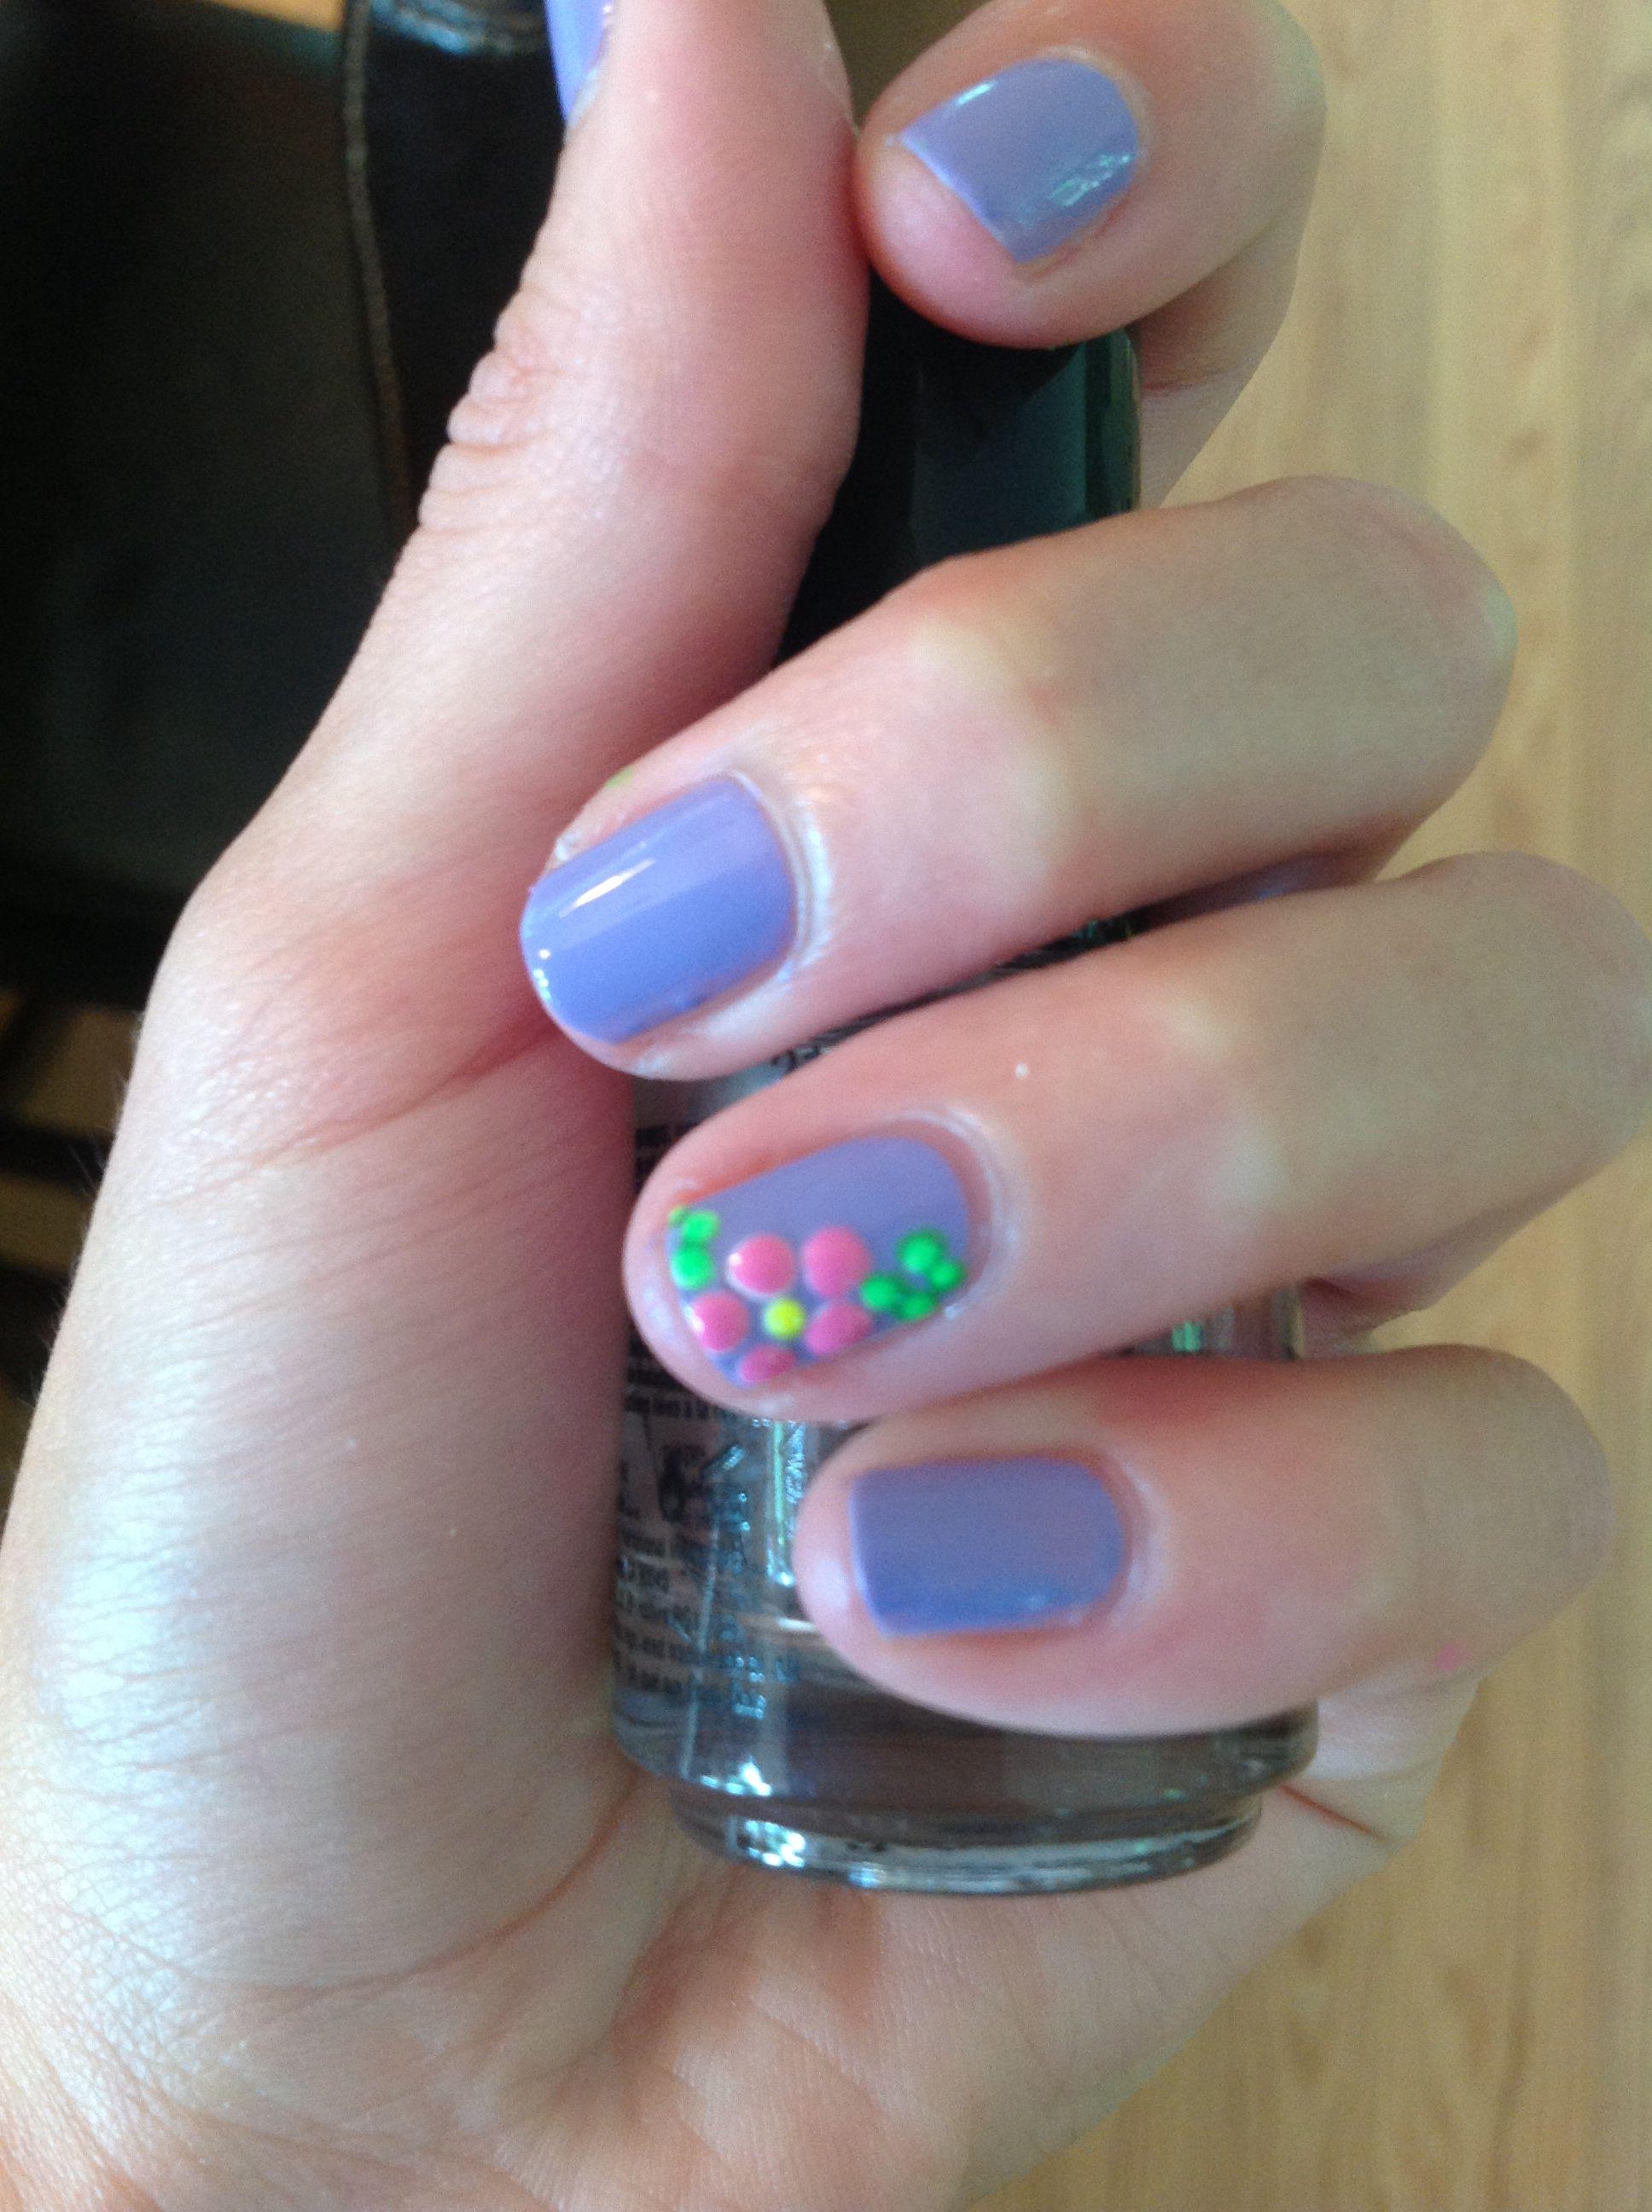 Cute flower nails!